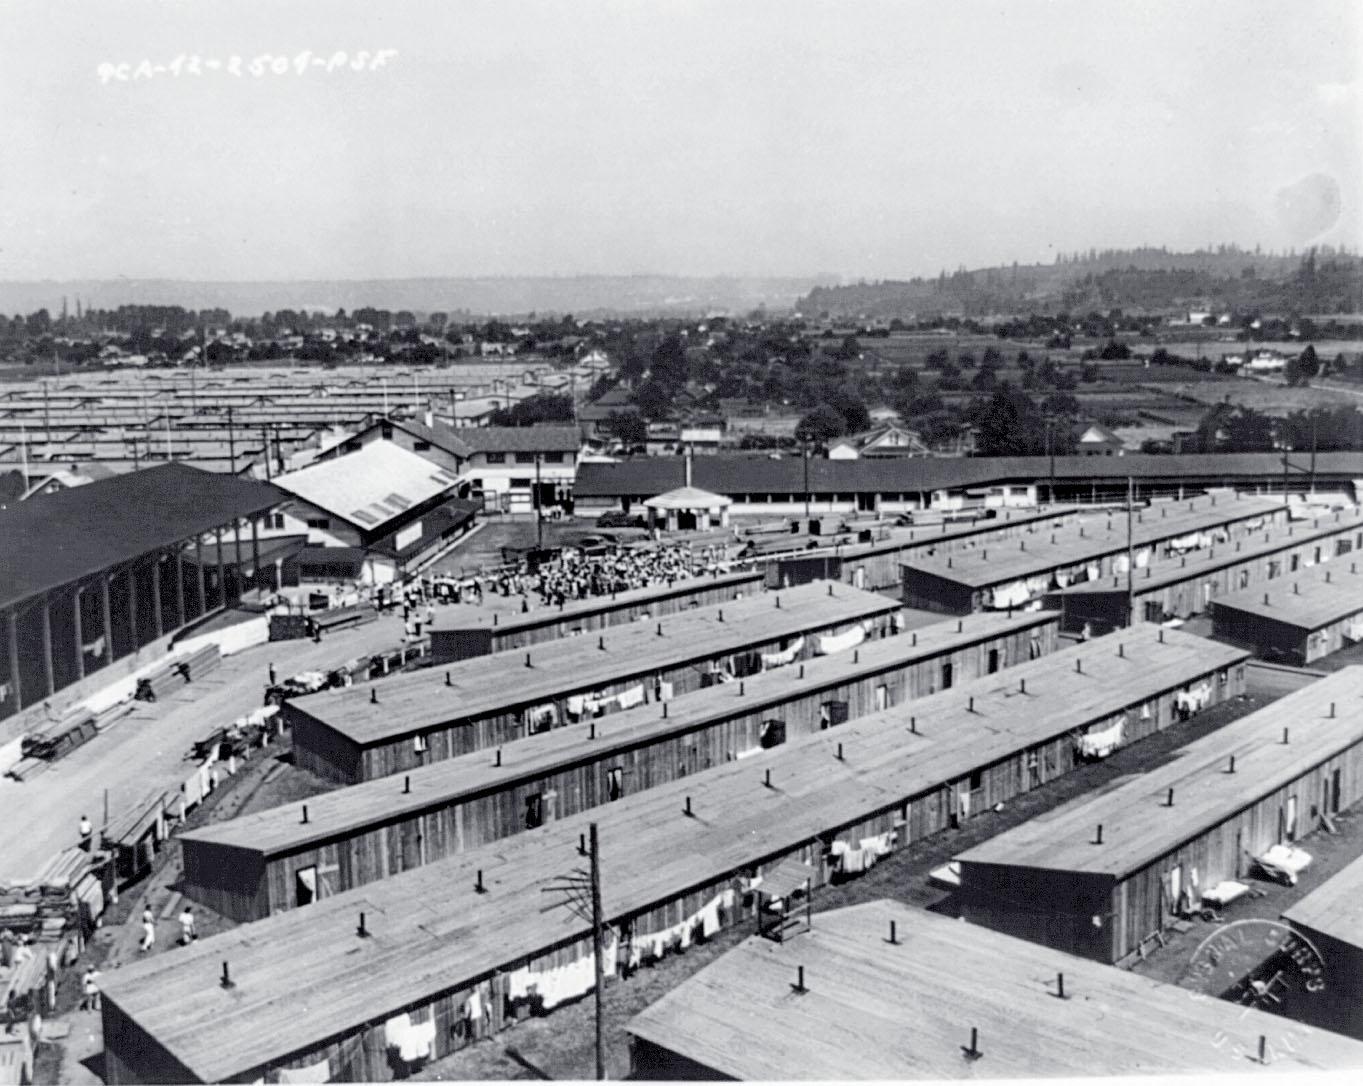 日本攻擊珍珠港後,富蘭克林.D.羅斯福總統的第9066號行政命令迫使超過12萬日裔民眾在拘留營中生活了好幾年。上圖顯示建築工人在興造普雅路普集合中心。政府委婉地將這座位於華盛頓州的拘留設施稱為「和諧營」。LIBRARY OF CONGRESS